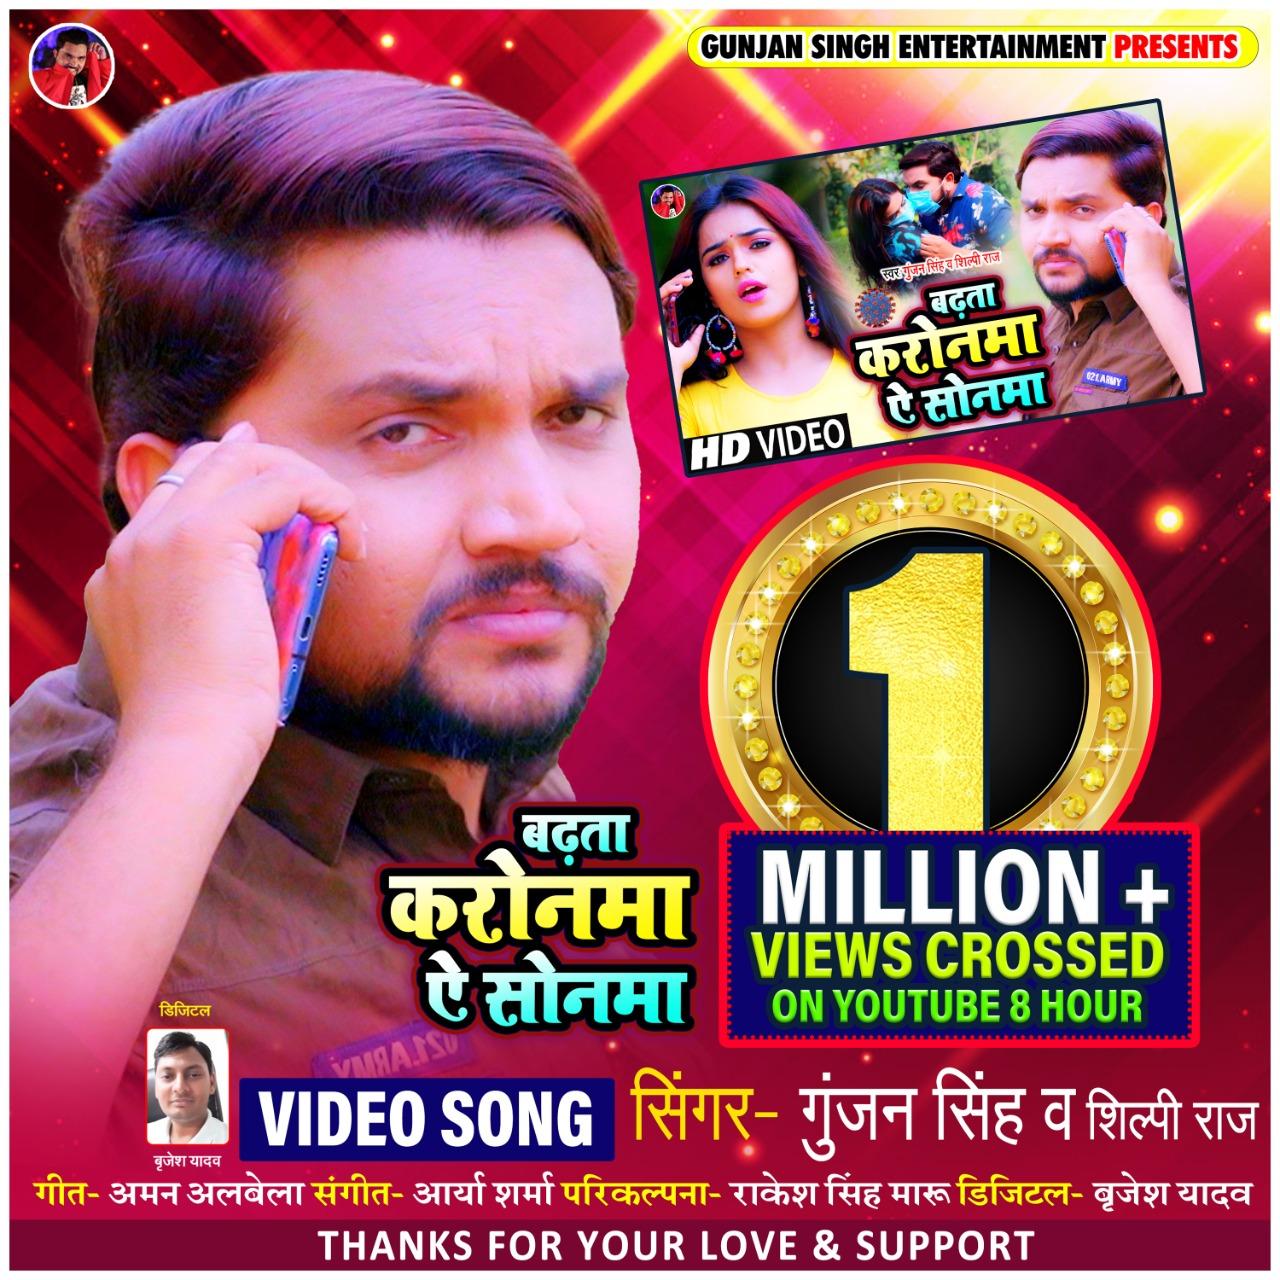 """#Bhojiwood : गुंजन सिंह का गाना """"बढ़ाता करोनमा ऎ सोनमा"""" को मिले 8 घंटे में 1 मिलियन व्यूज, सोशल डिस्टेंसिंग का दे रहे हैं संदेश"""